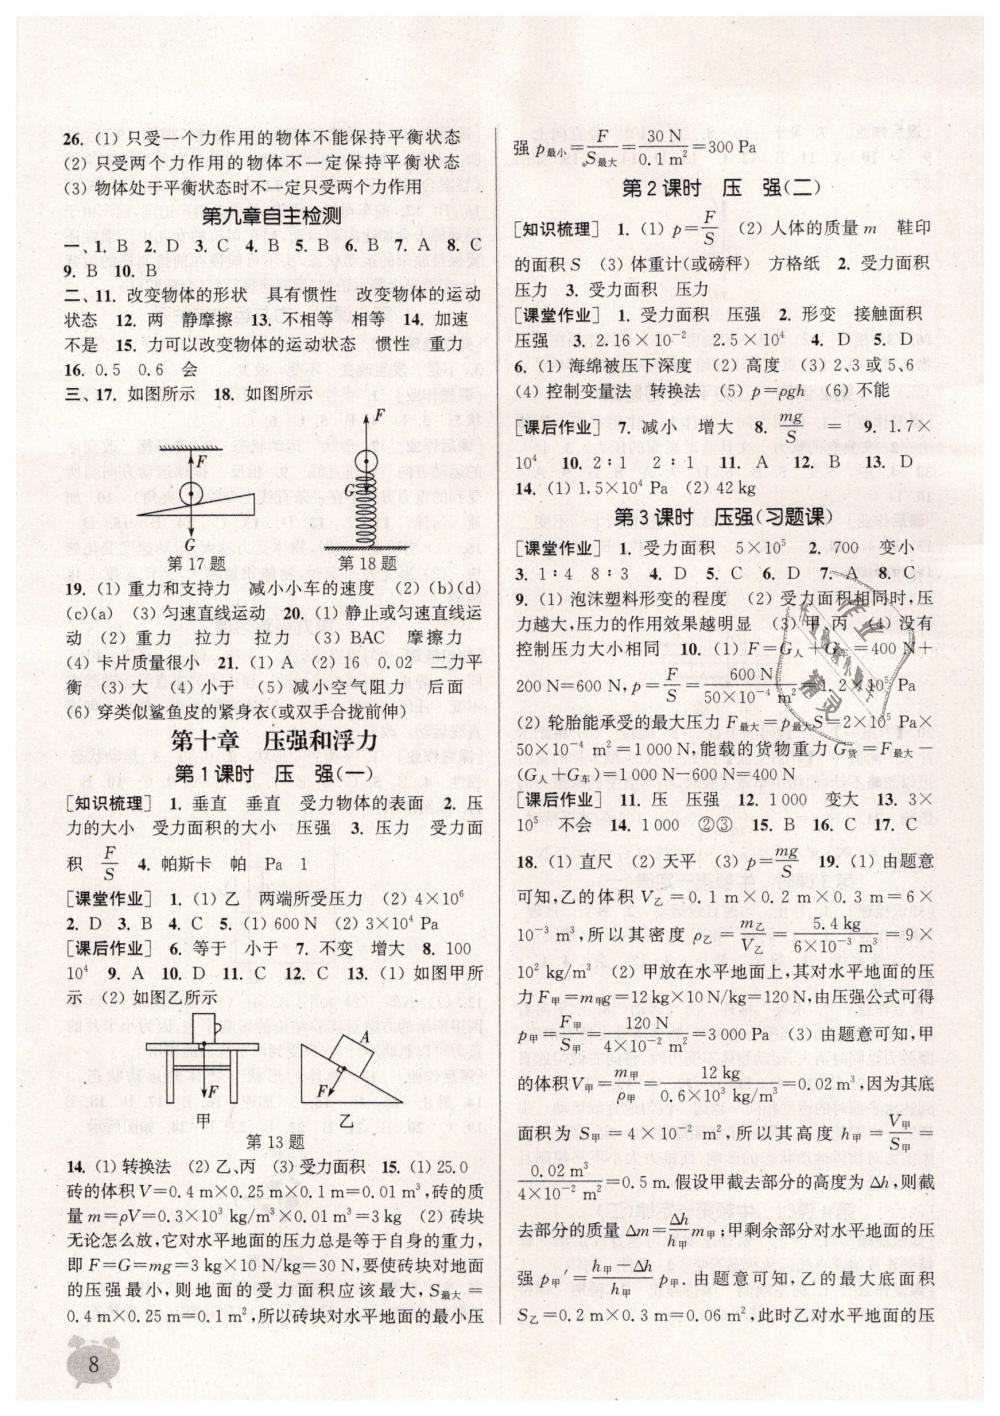 2019年通城学典课时作业本八年级物理下册苏科版江苏专用第8页